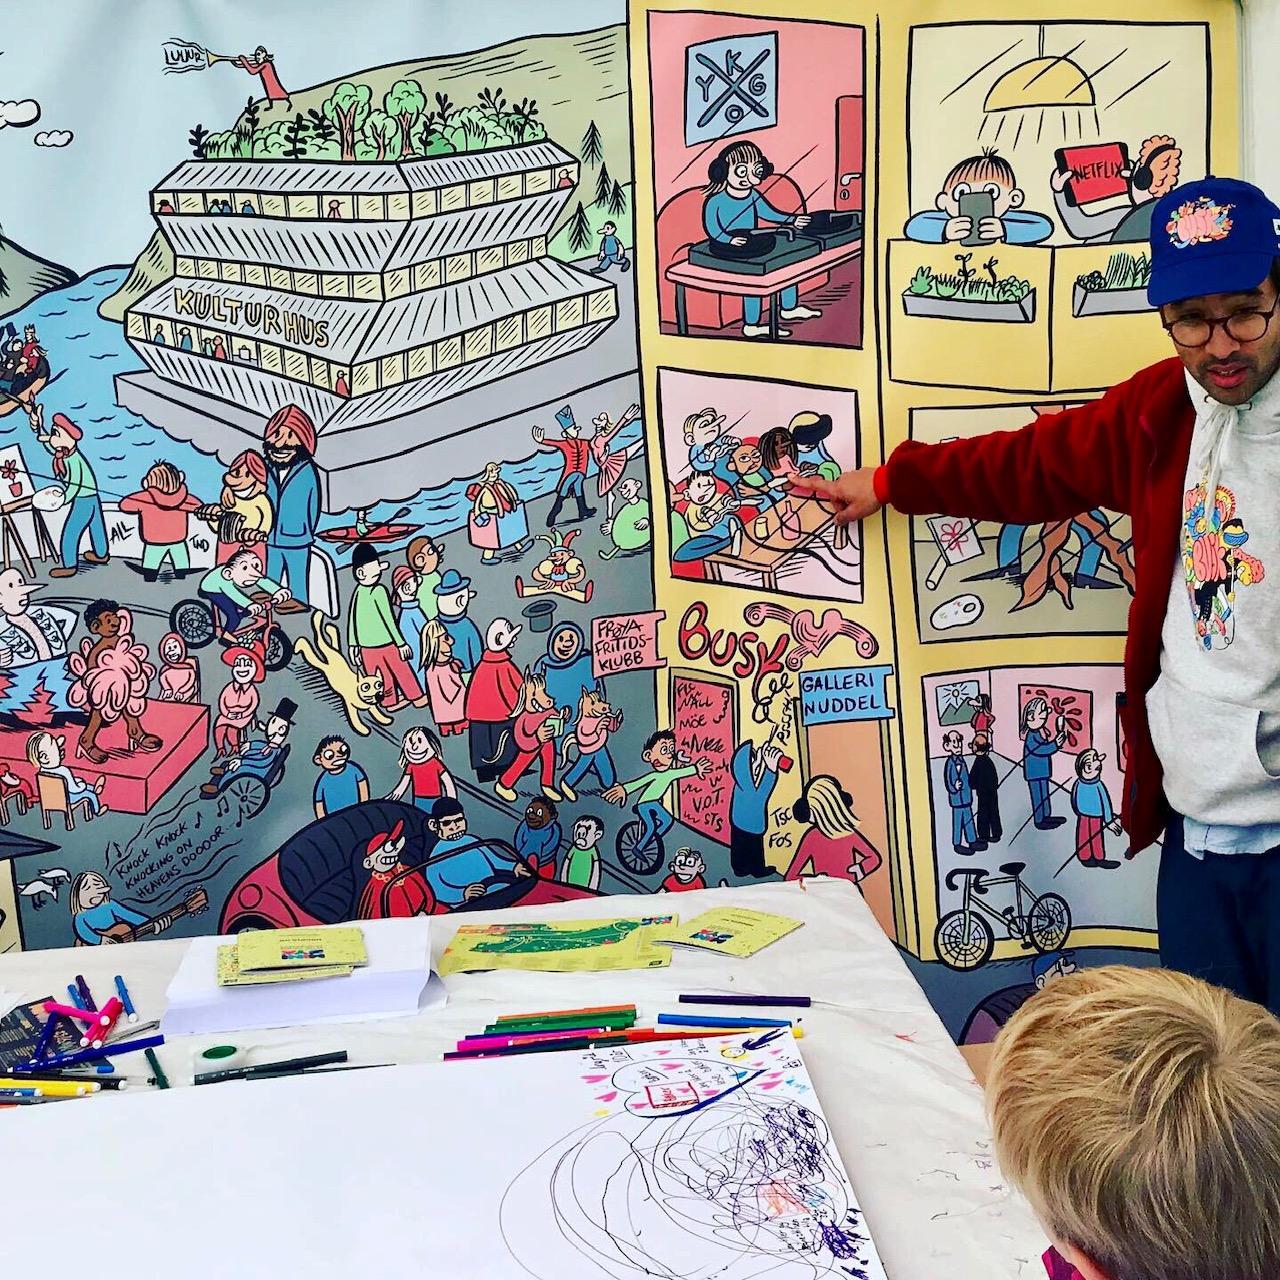 Prosjektleder i Kulturtanken, Jo Morten Weider, viser noen eksempler på kunst- og kulturuttrykk i myldretegningen, designet av Sindre Goksøyr